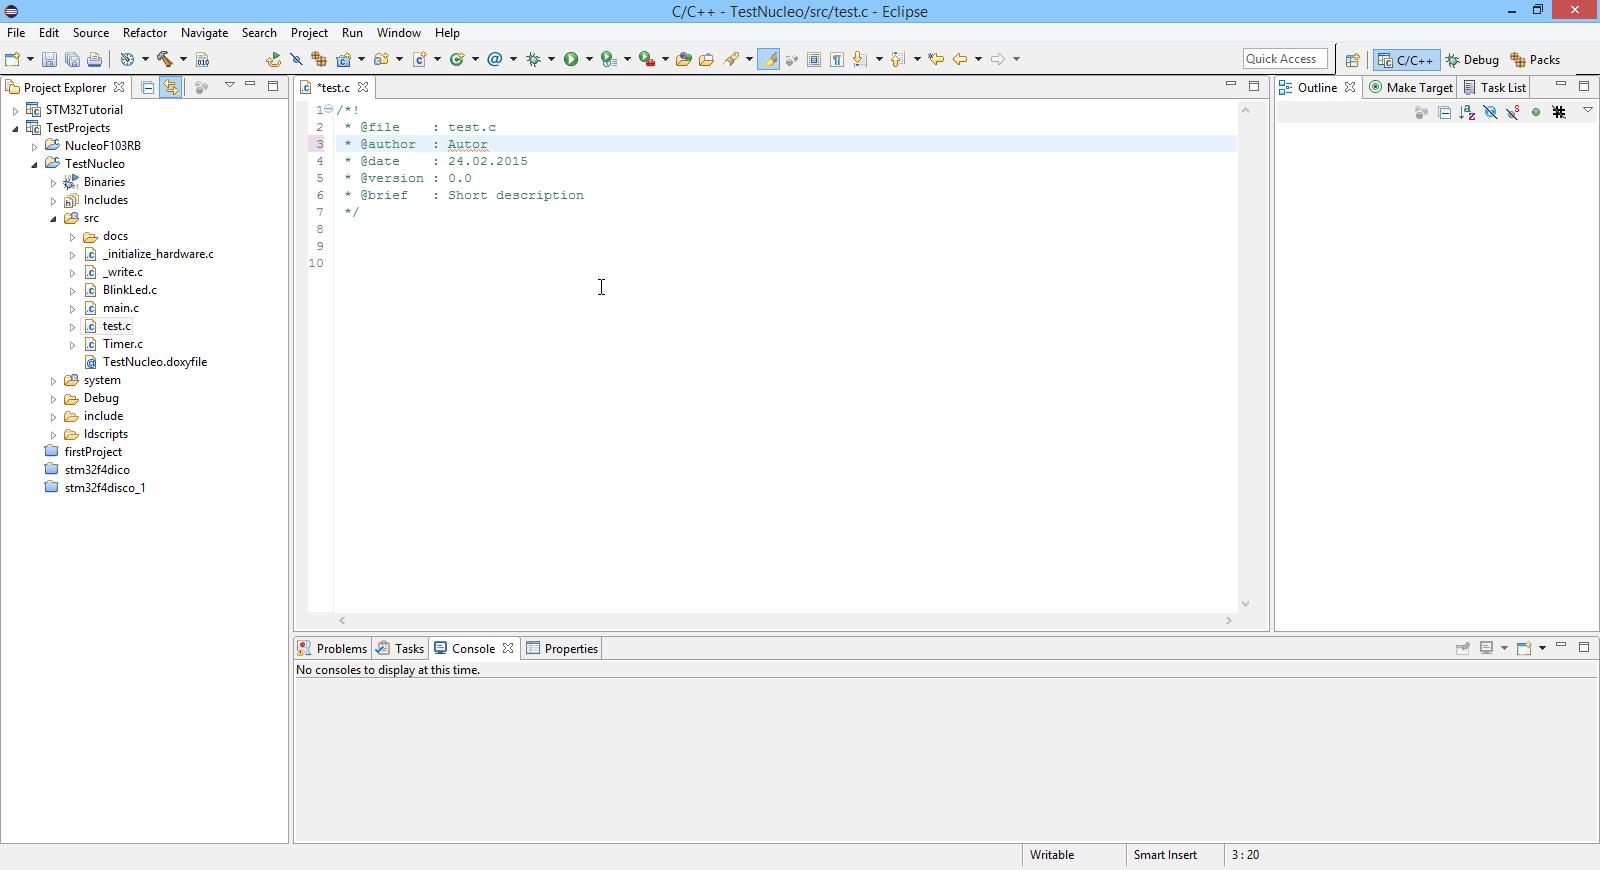 eclipse html template - embedded datei templates in eclipse anpassen f r doxygen